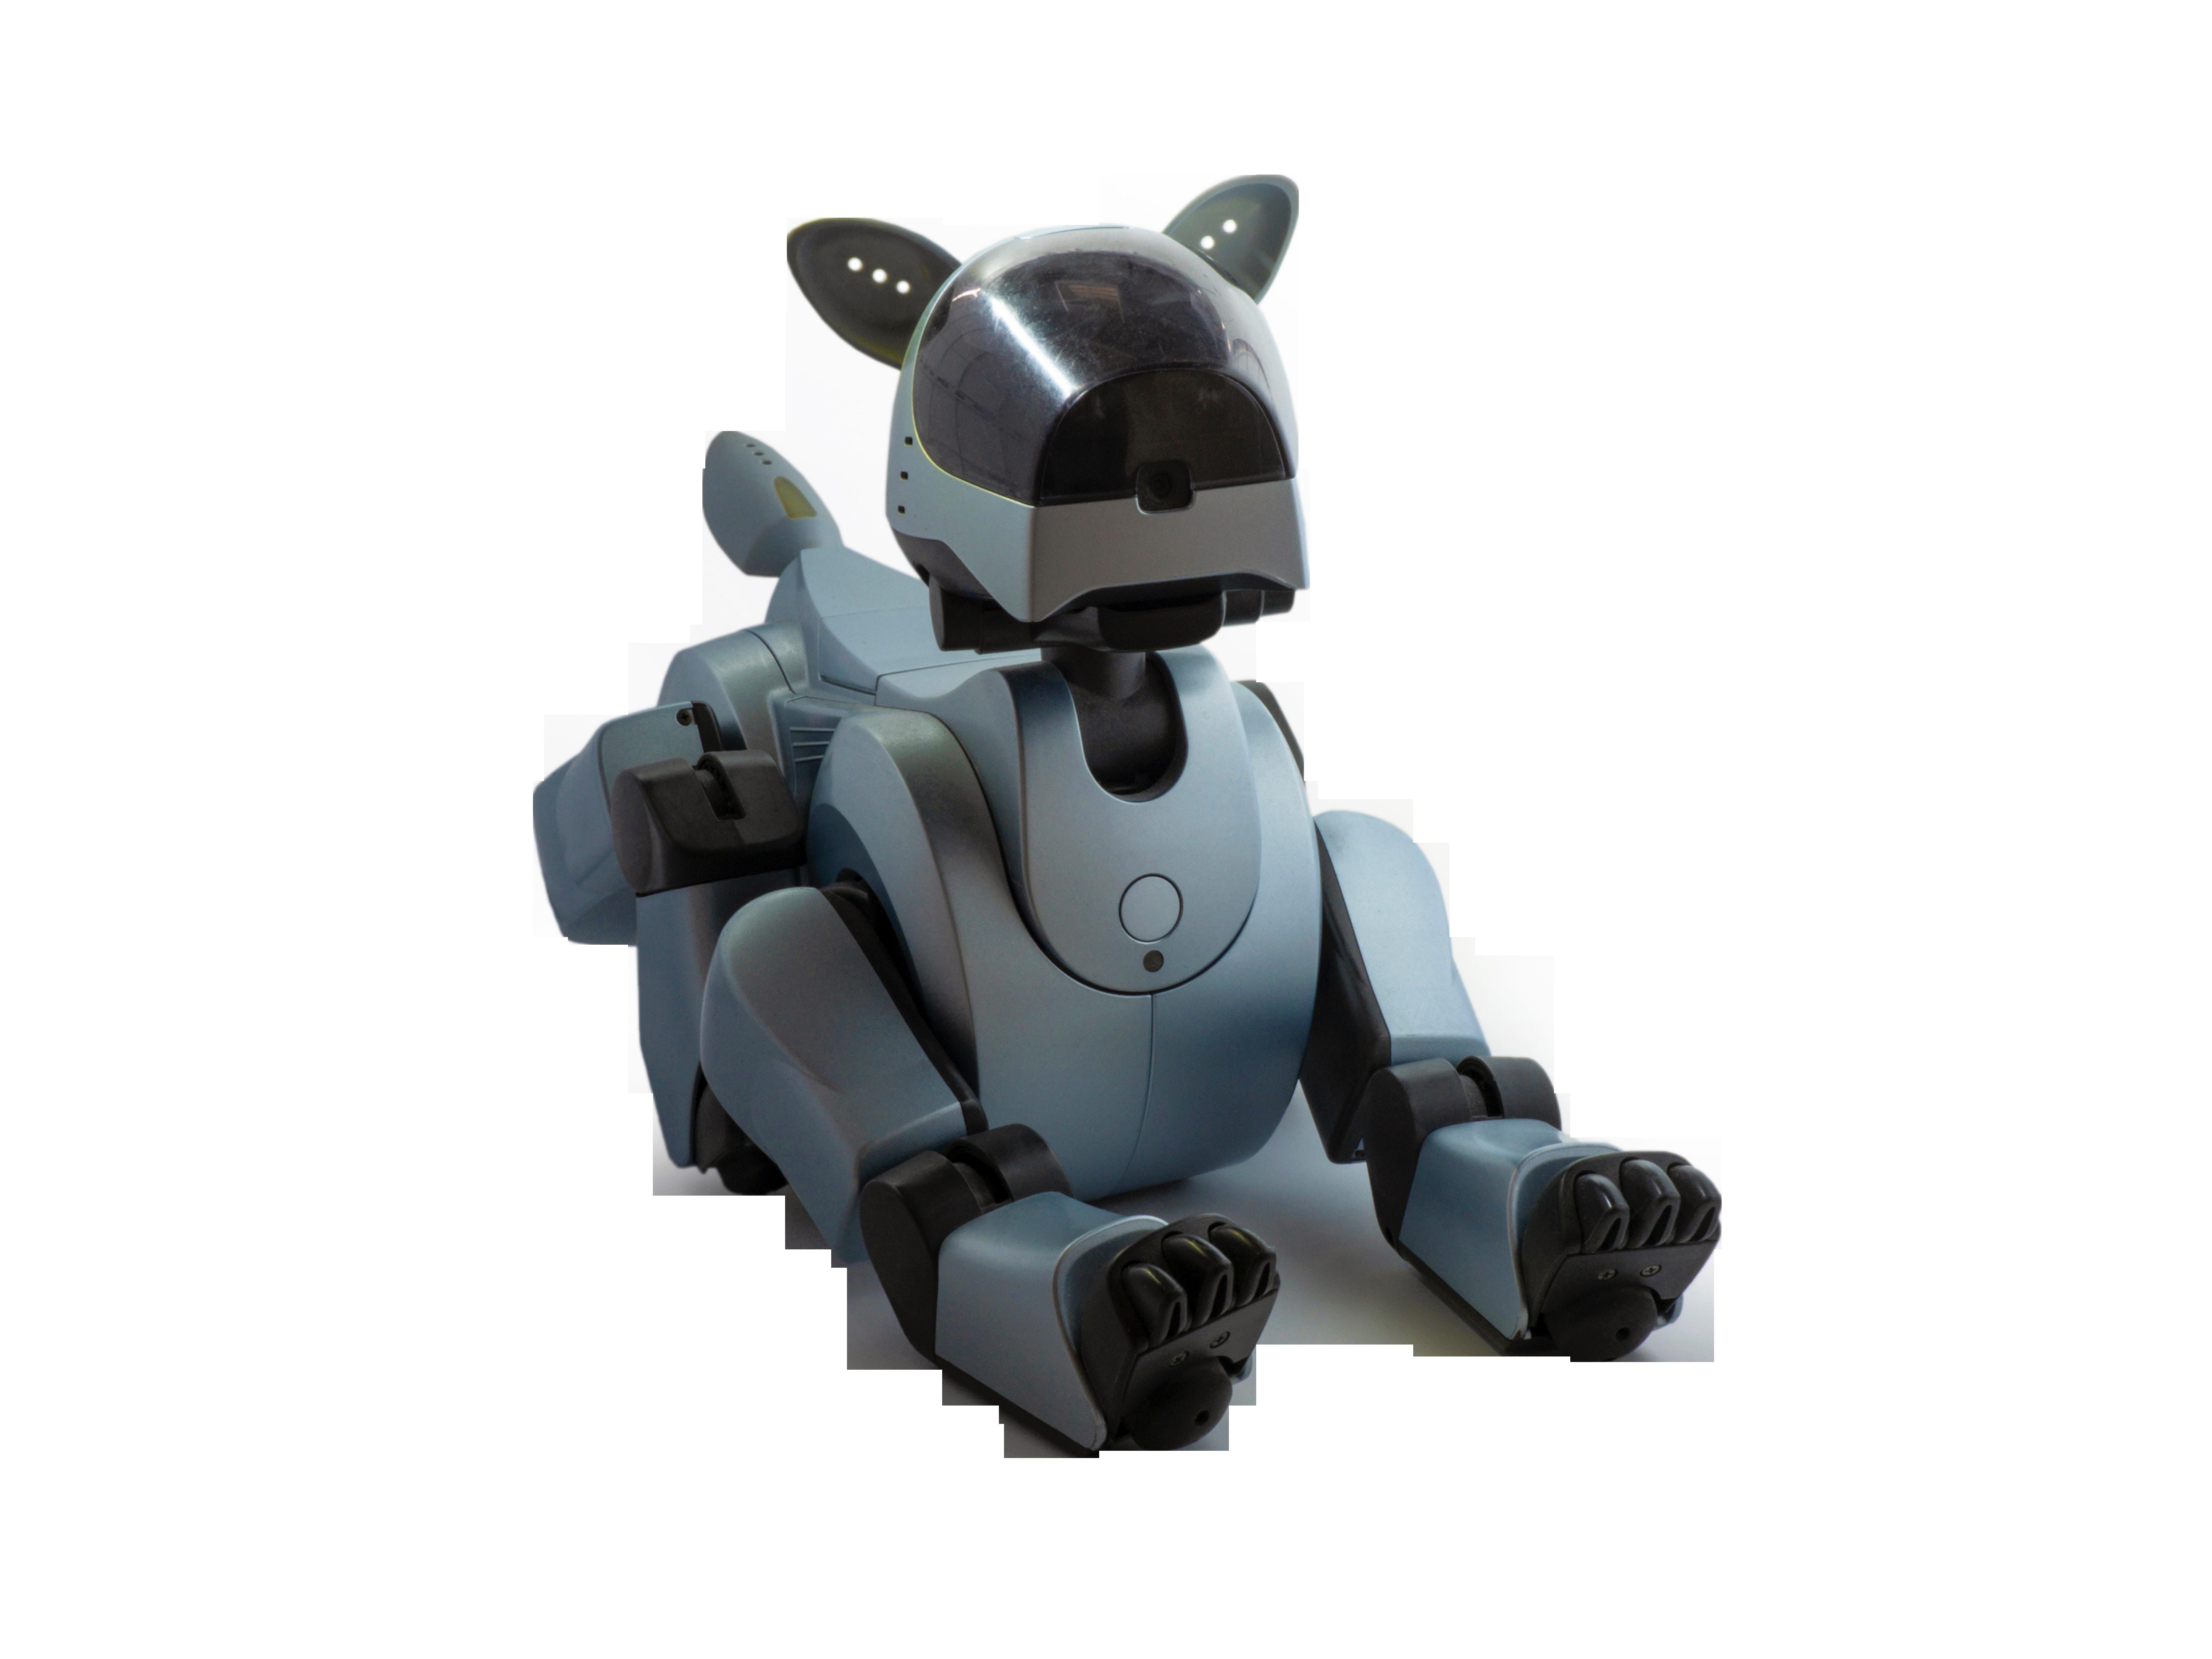 Robot Dog Transparent Background PNG